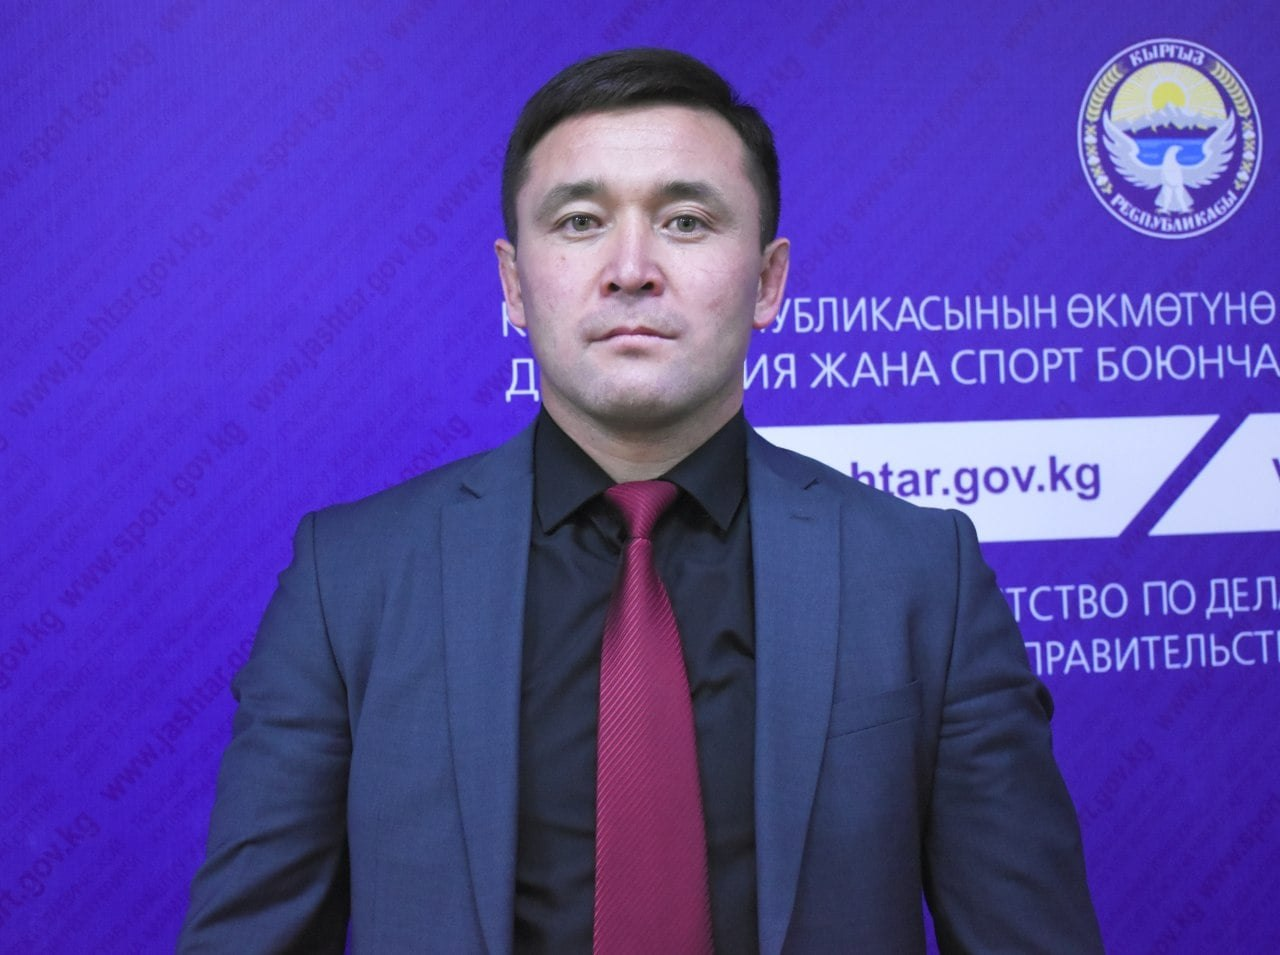 Шабданбаев дене тарбия жана спорт мамлекеттик агенттигинин директору болуп дайындалды